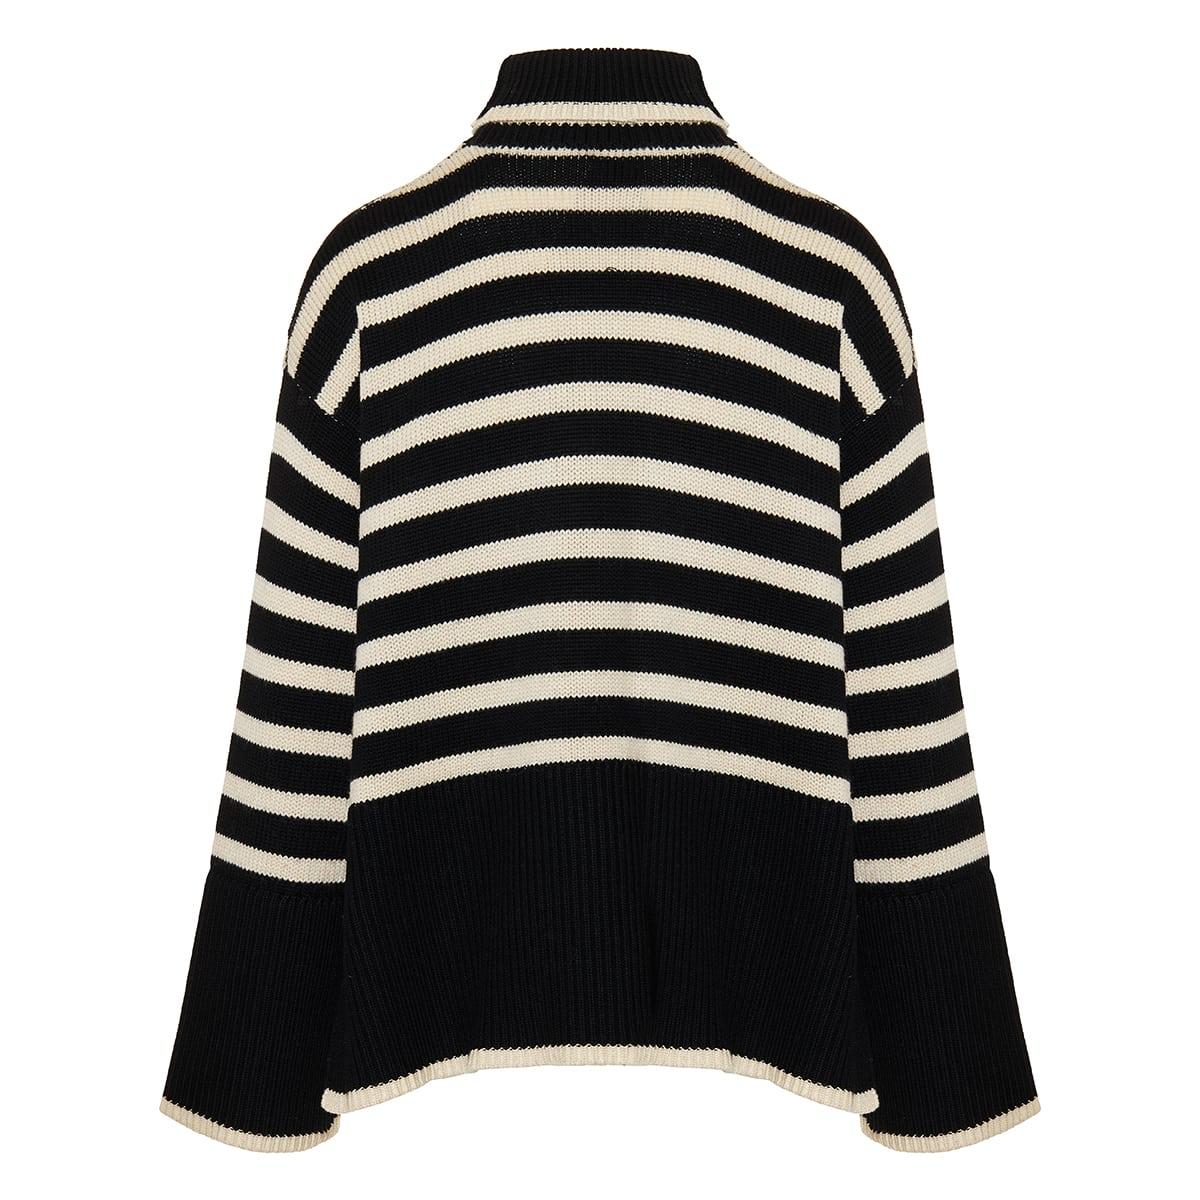 Signature striped turtleneck sweater